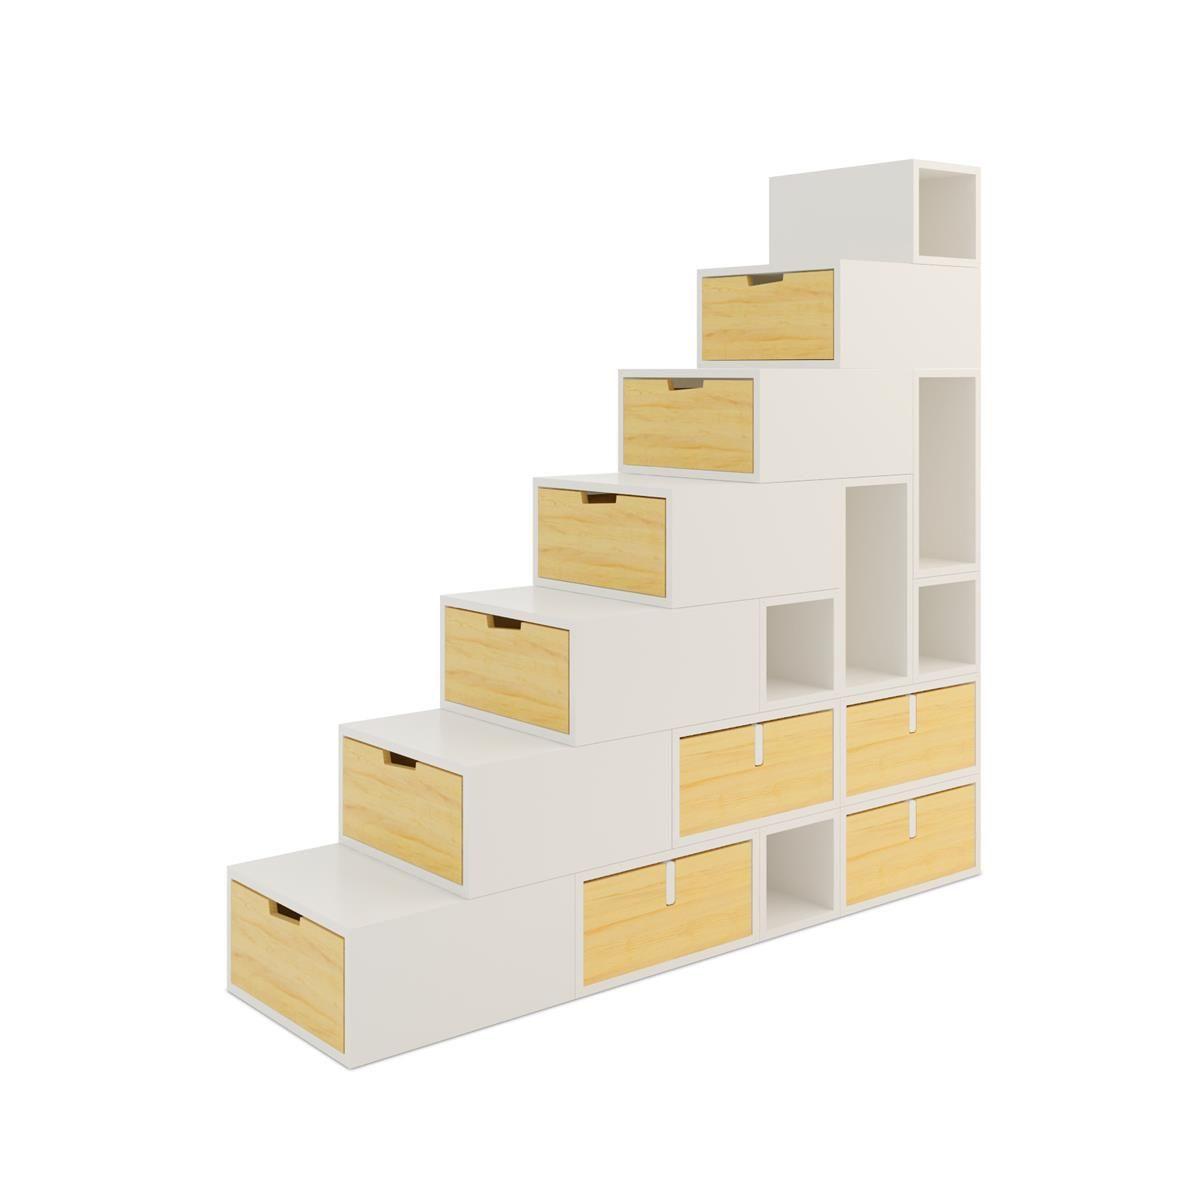 Escalier Brick Meuble Escalier Escalier Mezzanine